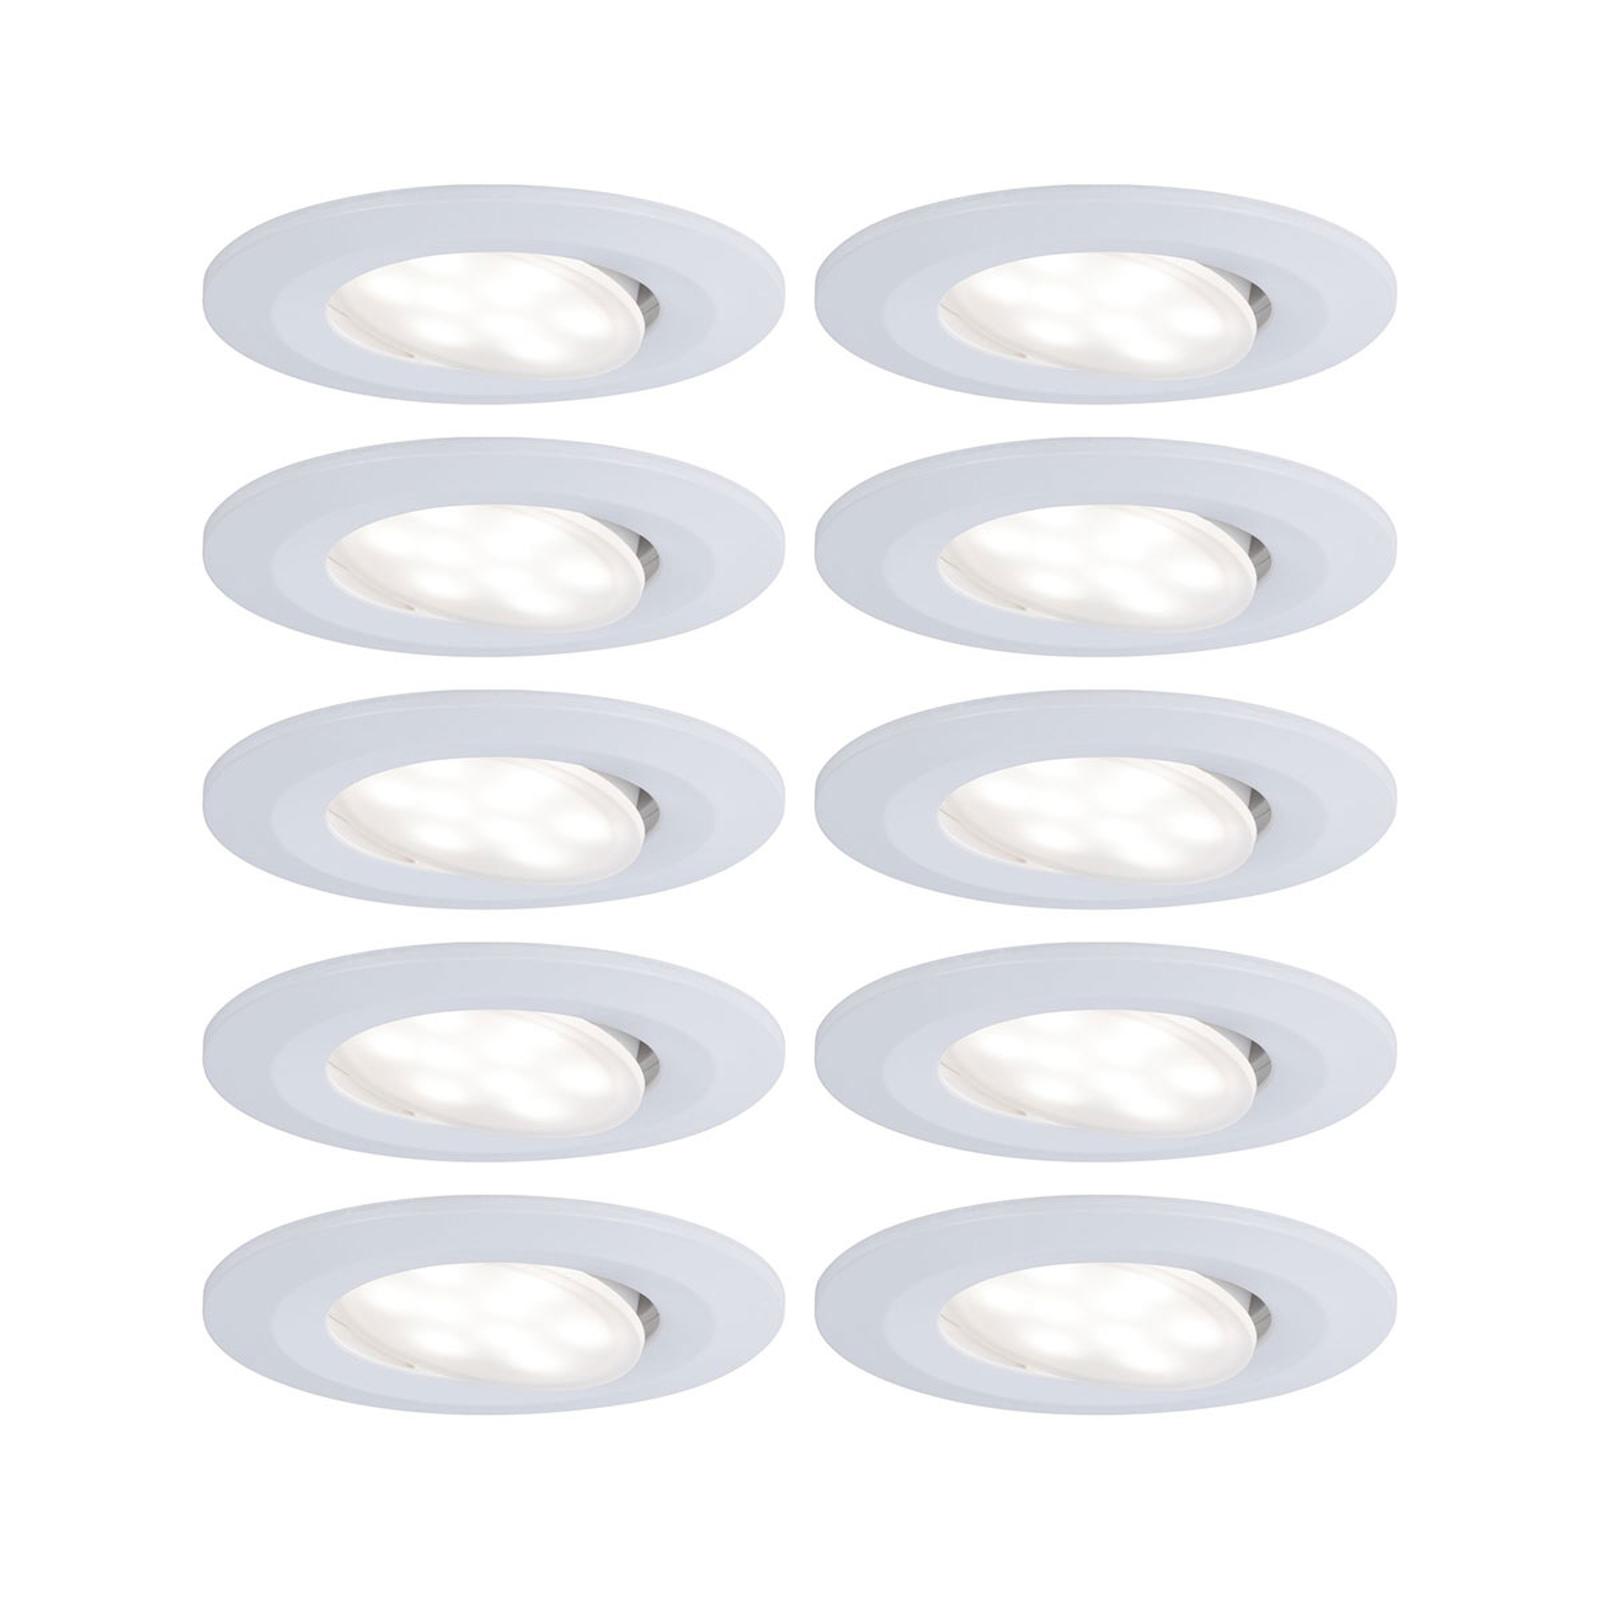 Paulmann LED-spot Calla 10-pack dimbar vit